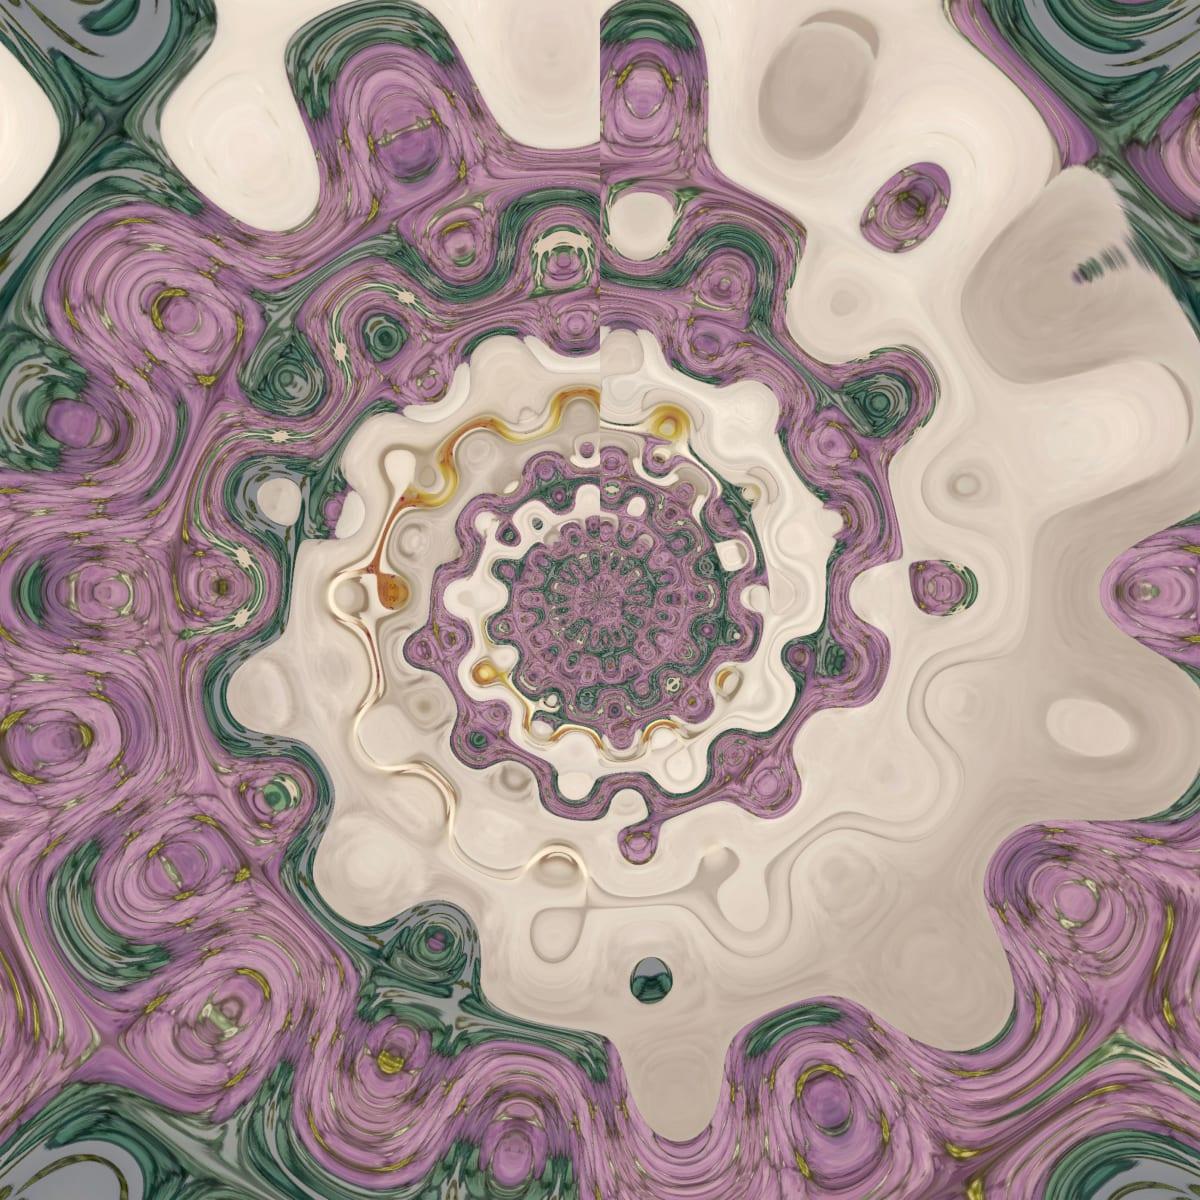 Kaleidoscope 4 by Y. Hope Osborn